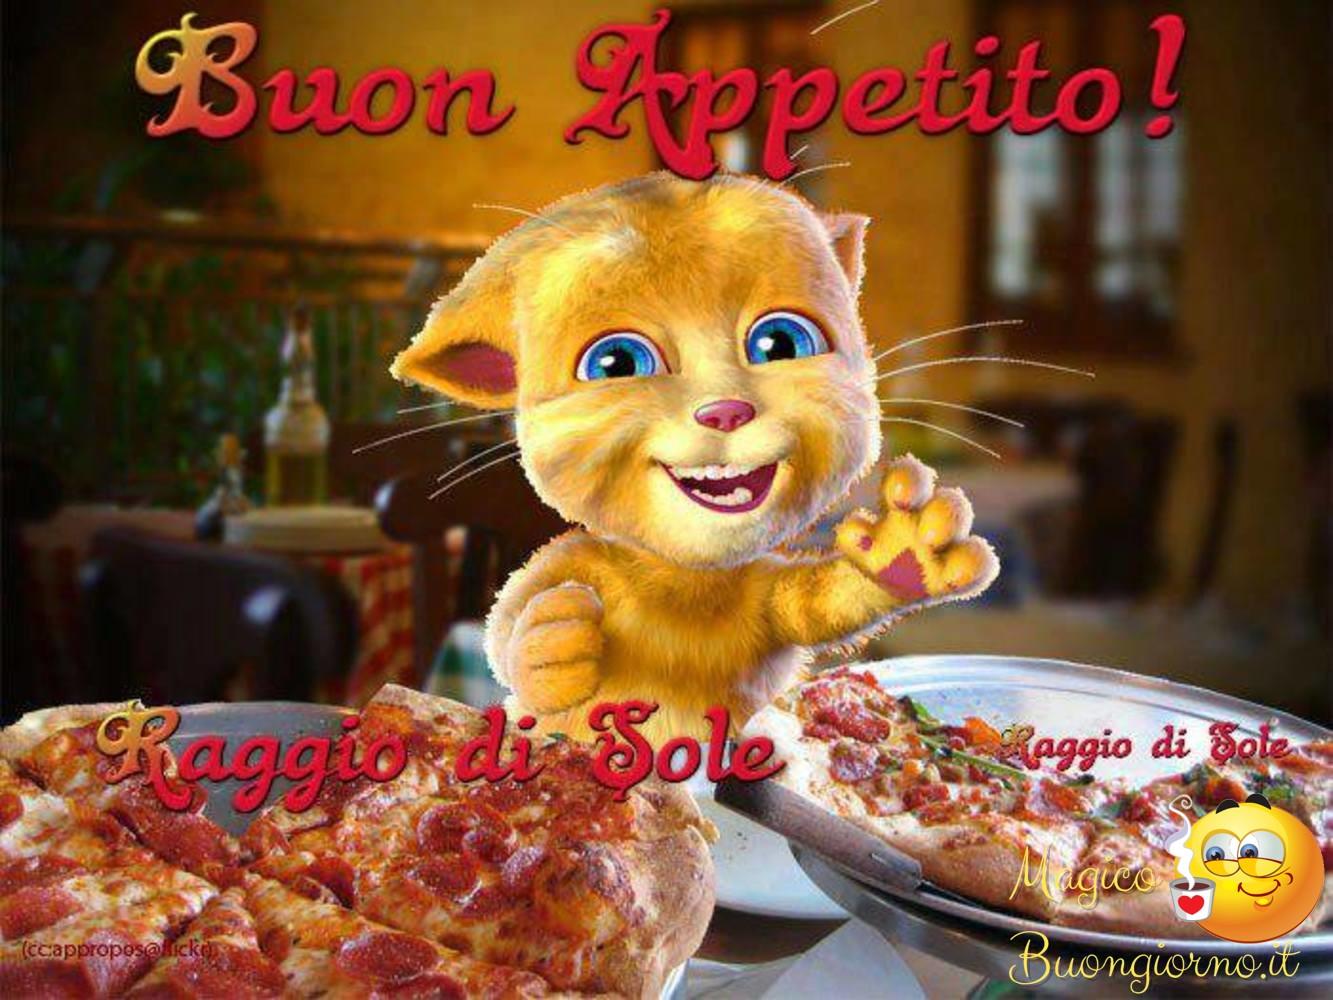 Immagini per Whatsapp Facebook Buon Appetito Pranzo 7